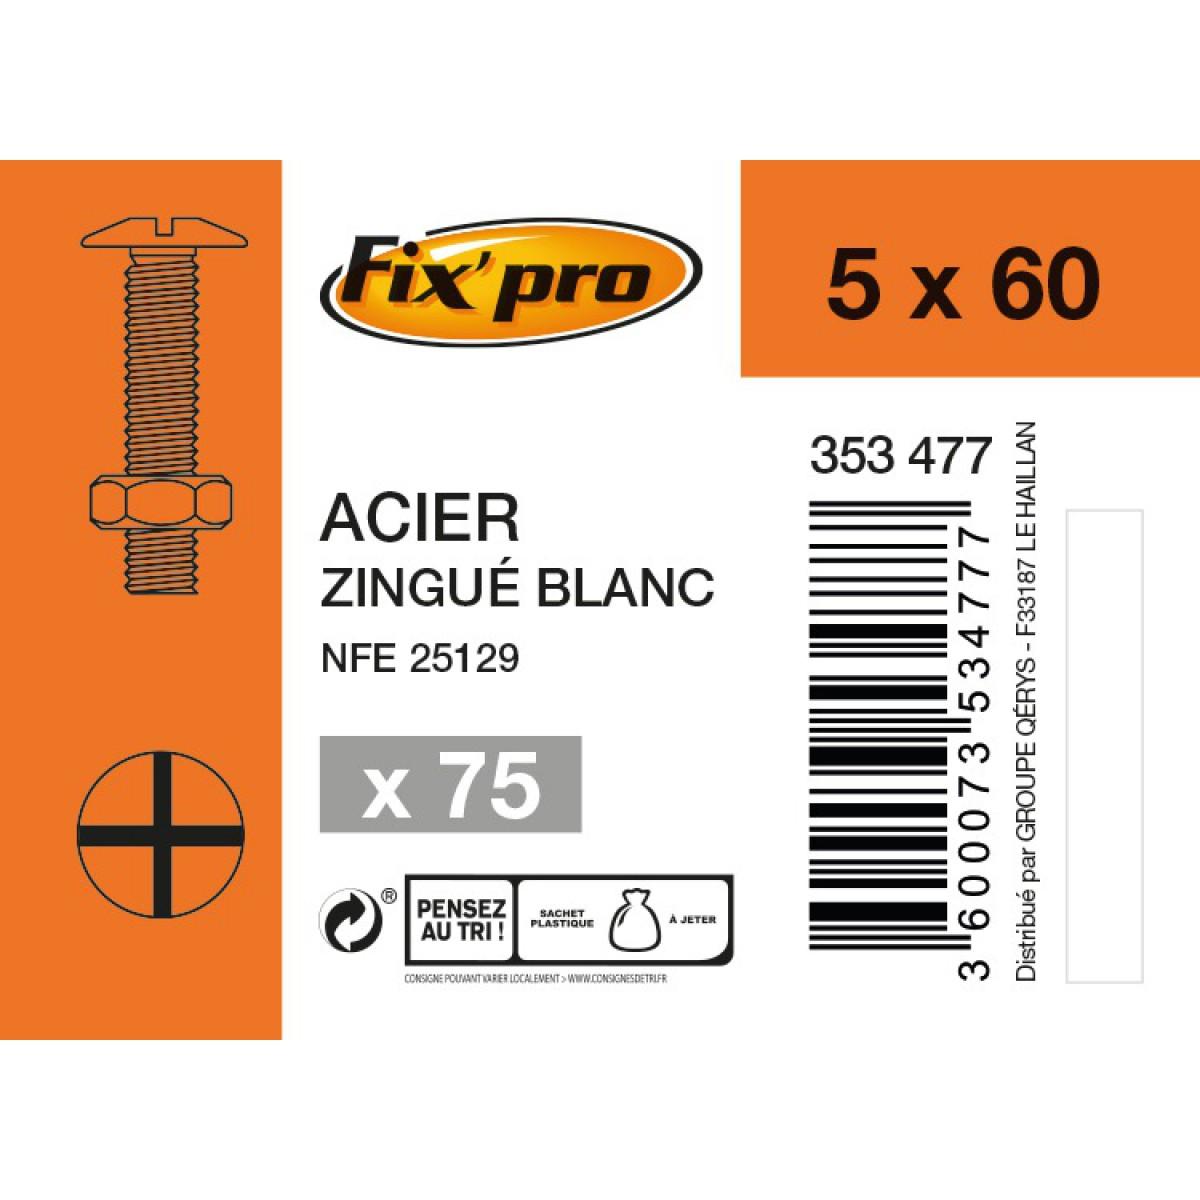 Boulon poêlier acier zingué - 5x60 - 75pces - Fixpro